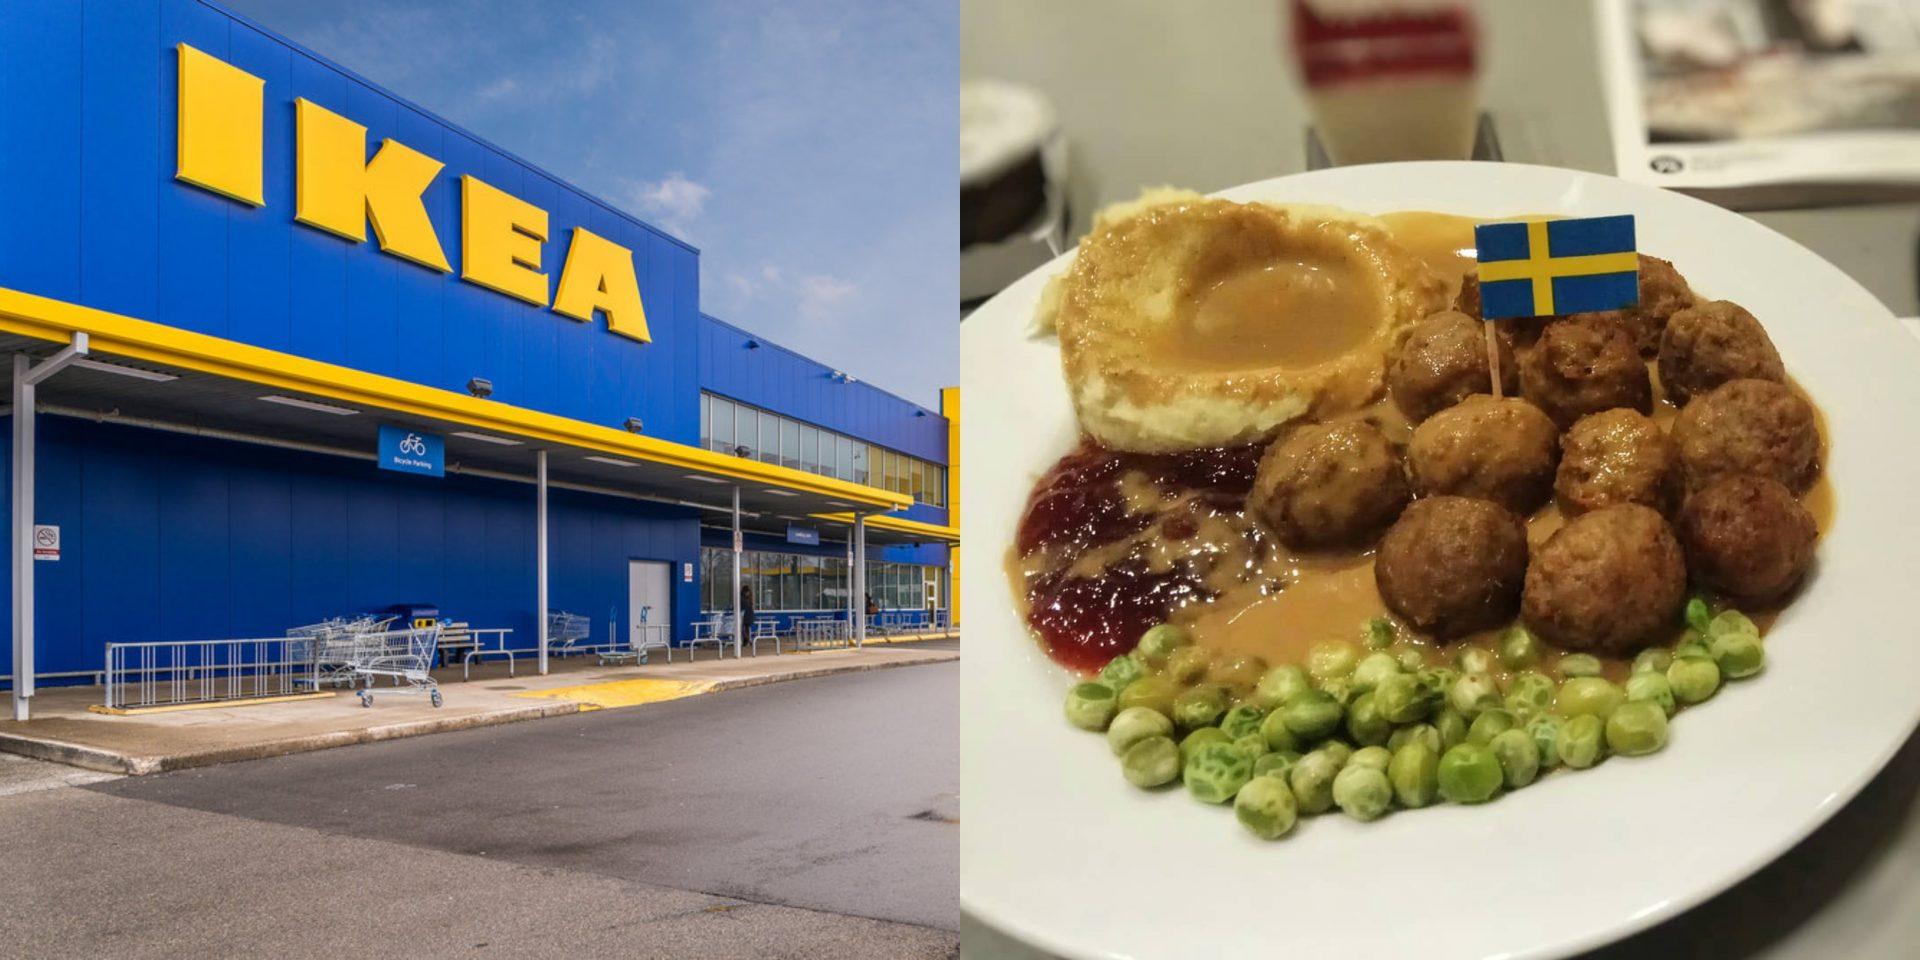 Ikea Devoile Sa Celebre Recette De Boulettes Pour Les Faire A La